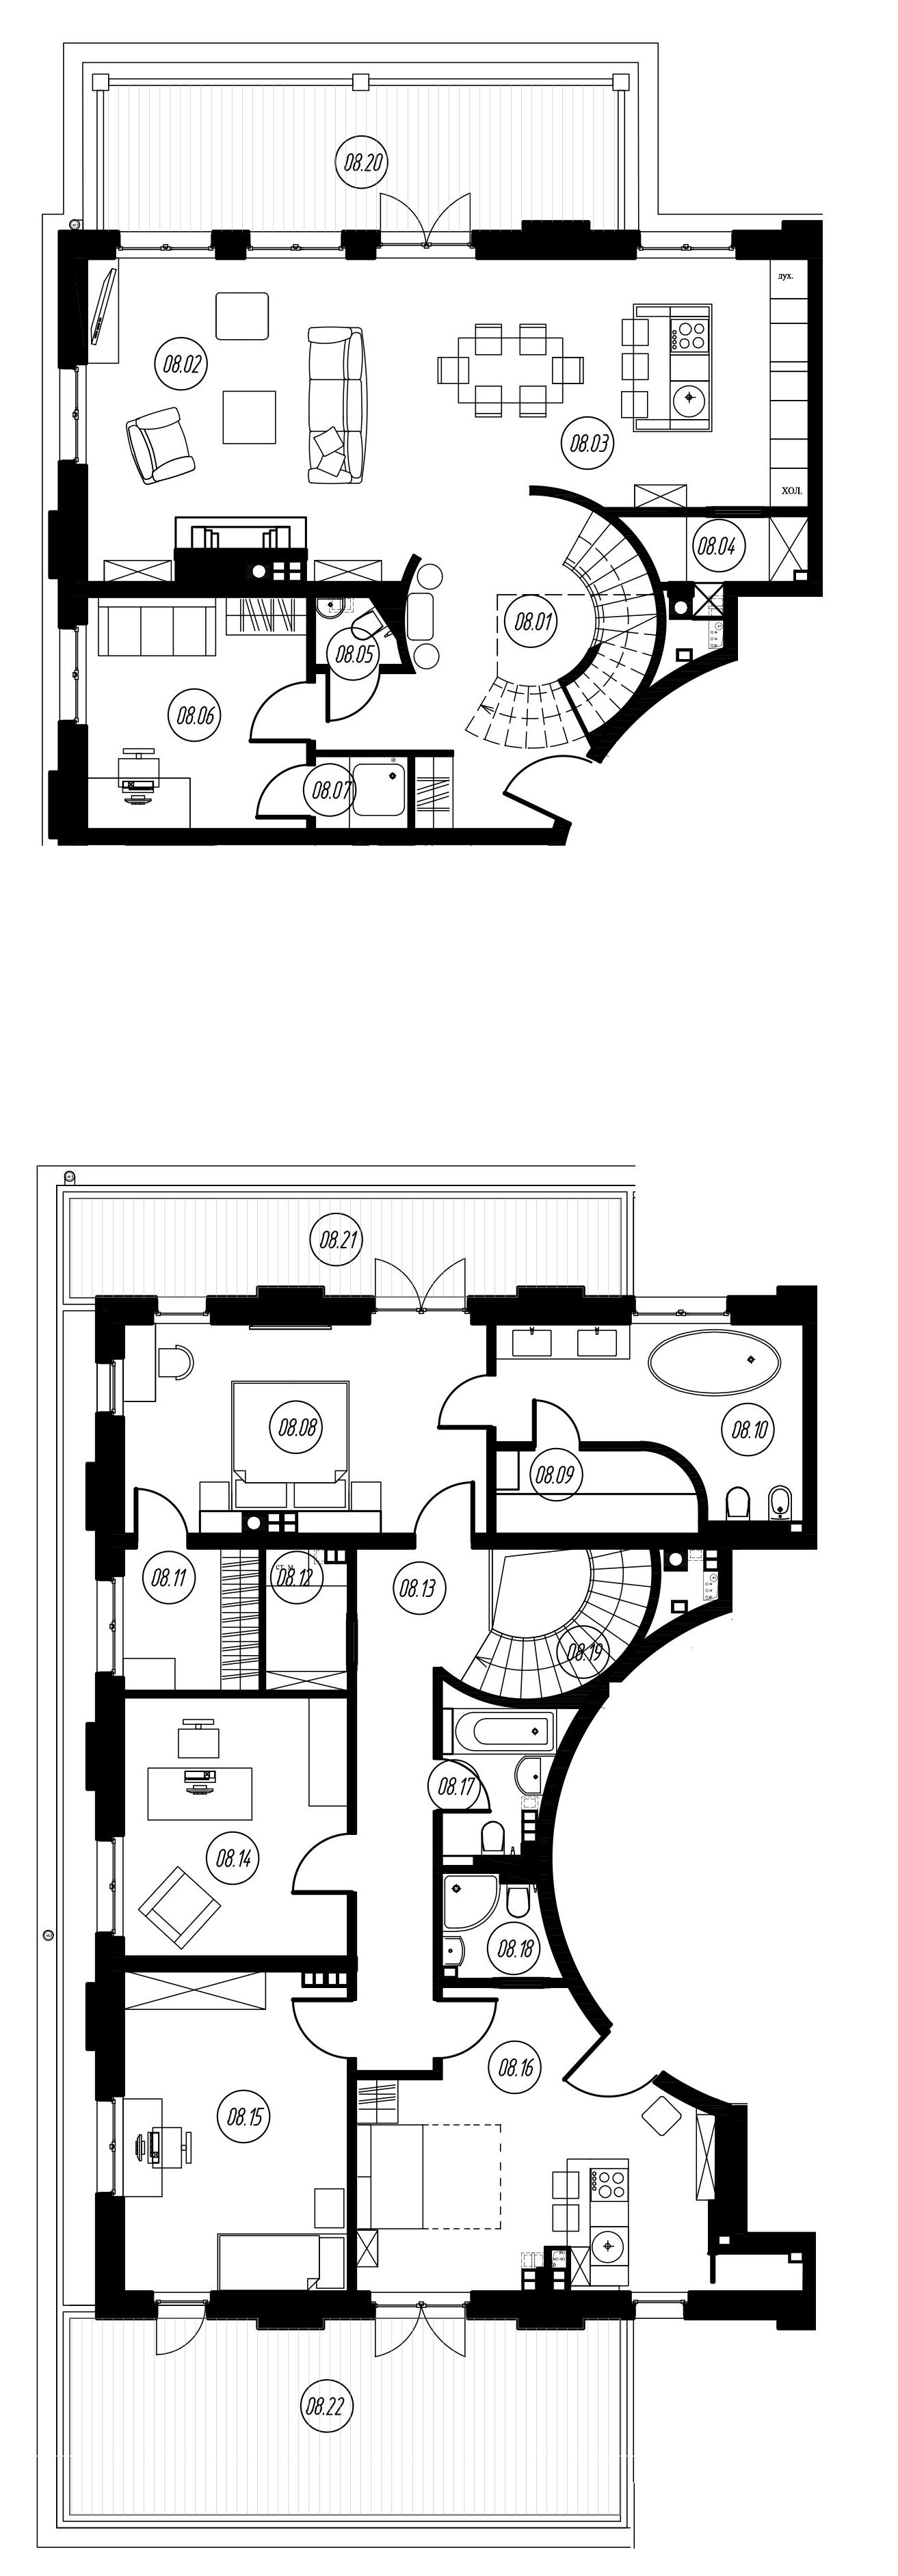 5-комнатная, 194.63 м²– 2